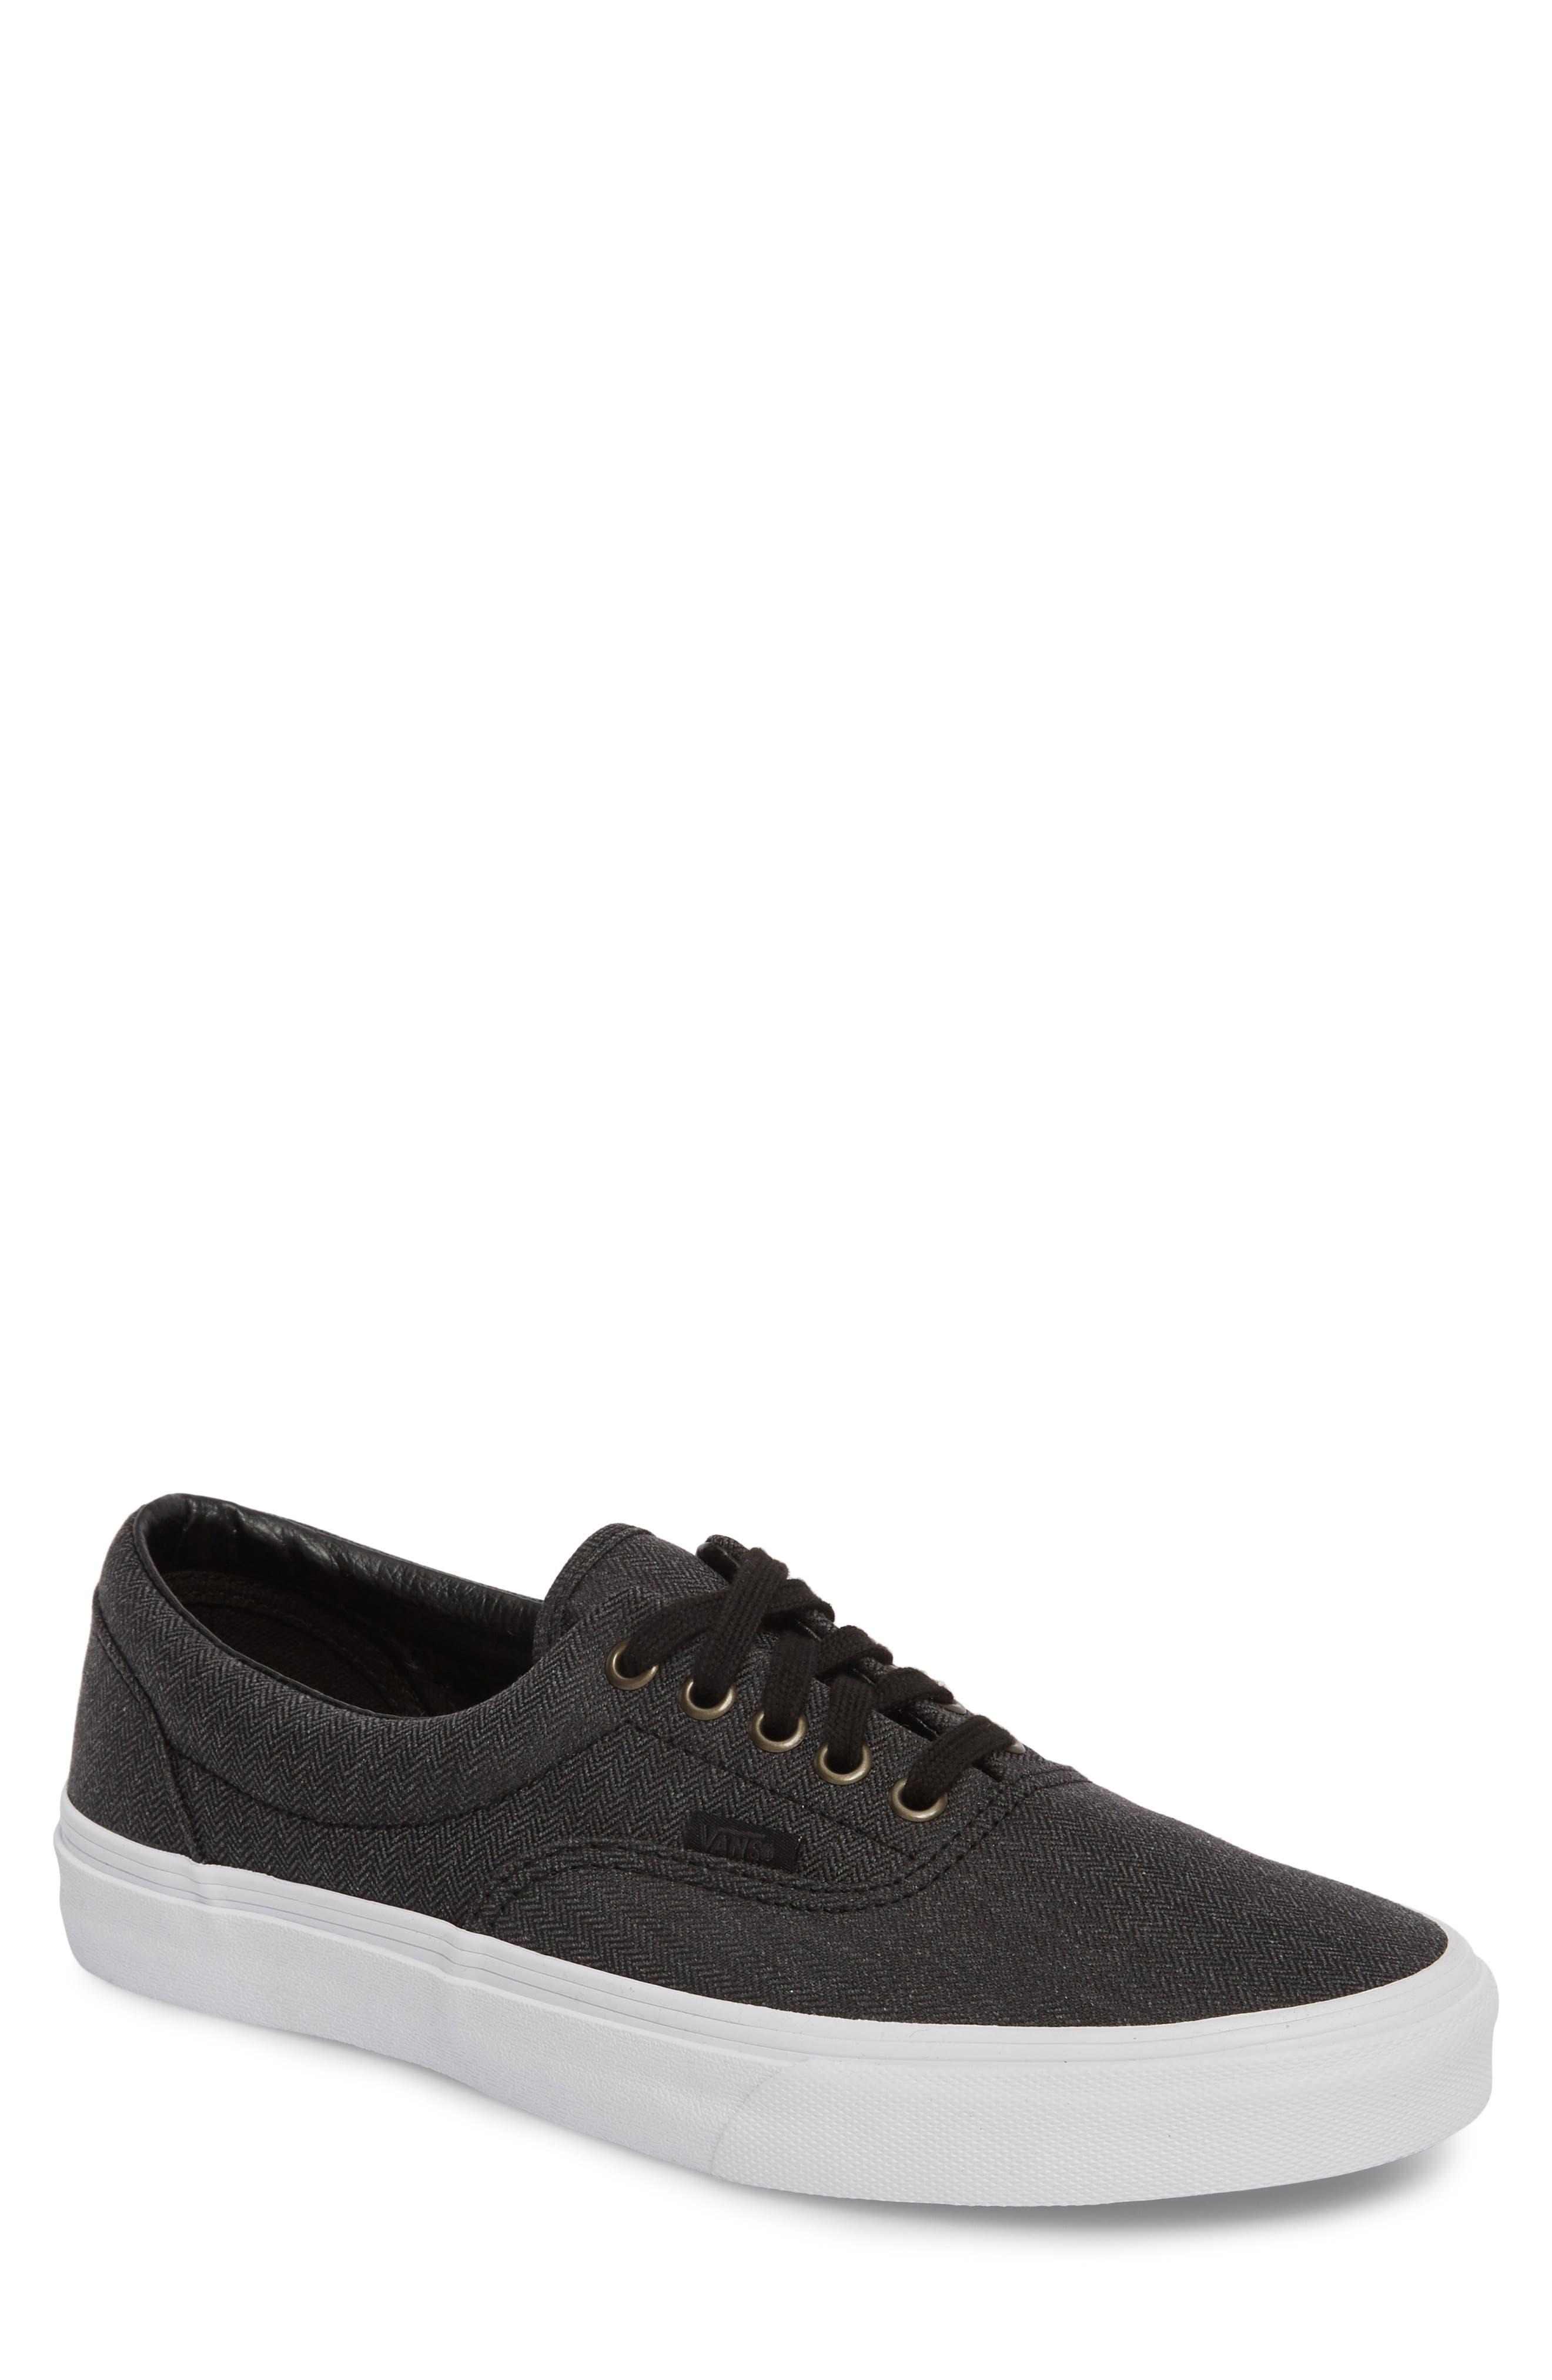 'Era' Sneaker,                         Main,                         color, Black/ White